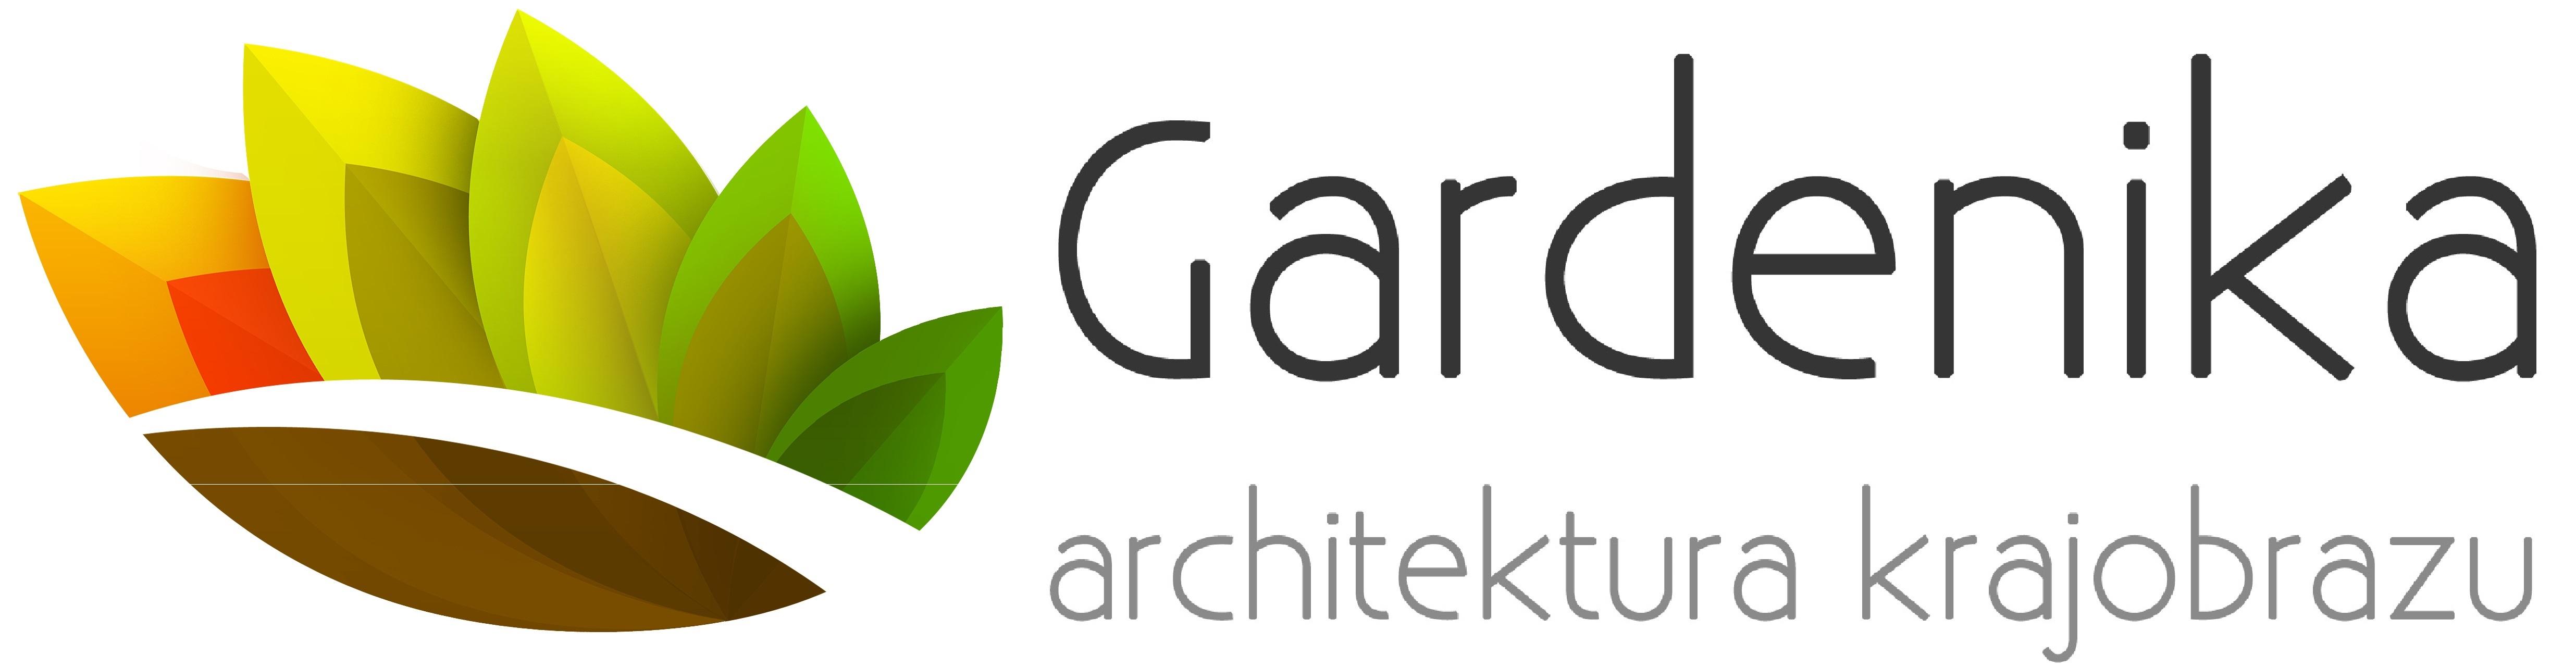 Gardenika projektowanie ogrodów ogrody automatyczne nawadnianie wykonawstwo